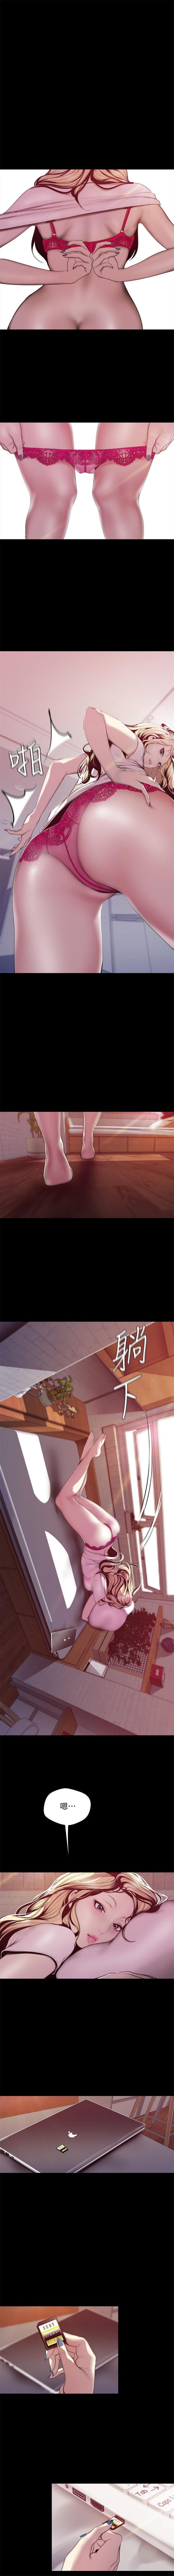 (週1)美麗新世界 1-70 中文翻譯 (更新中) 516